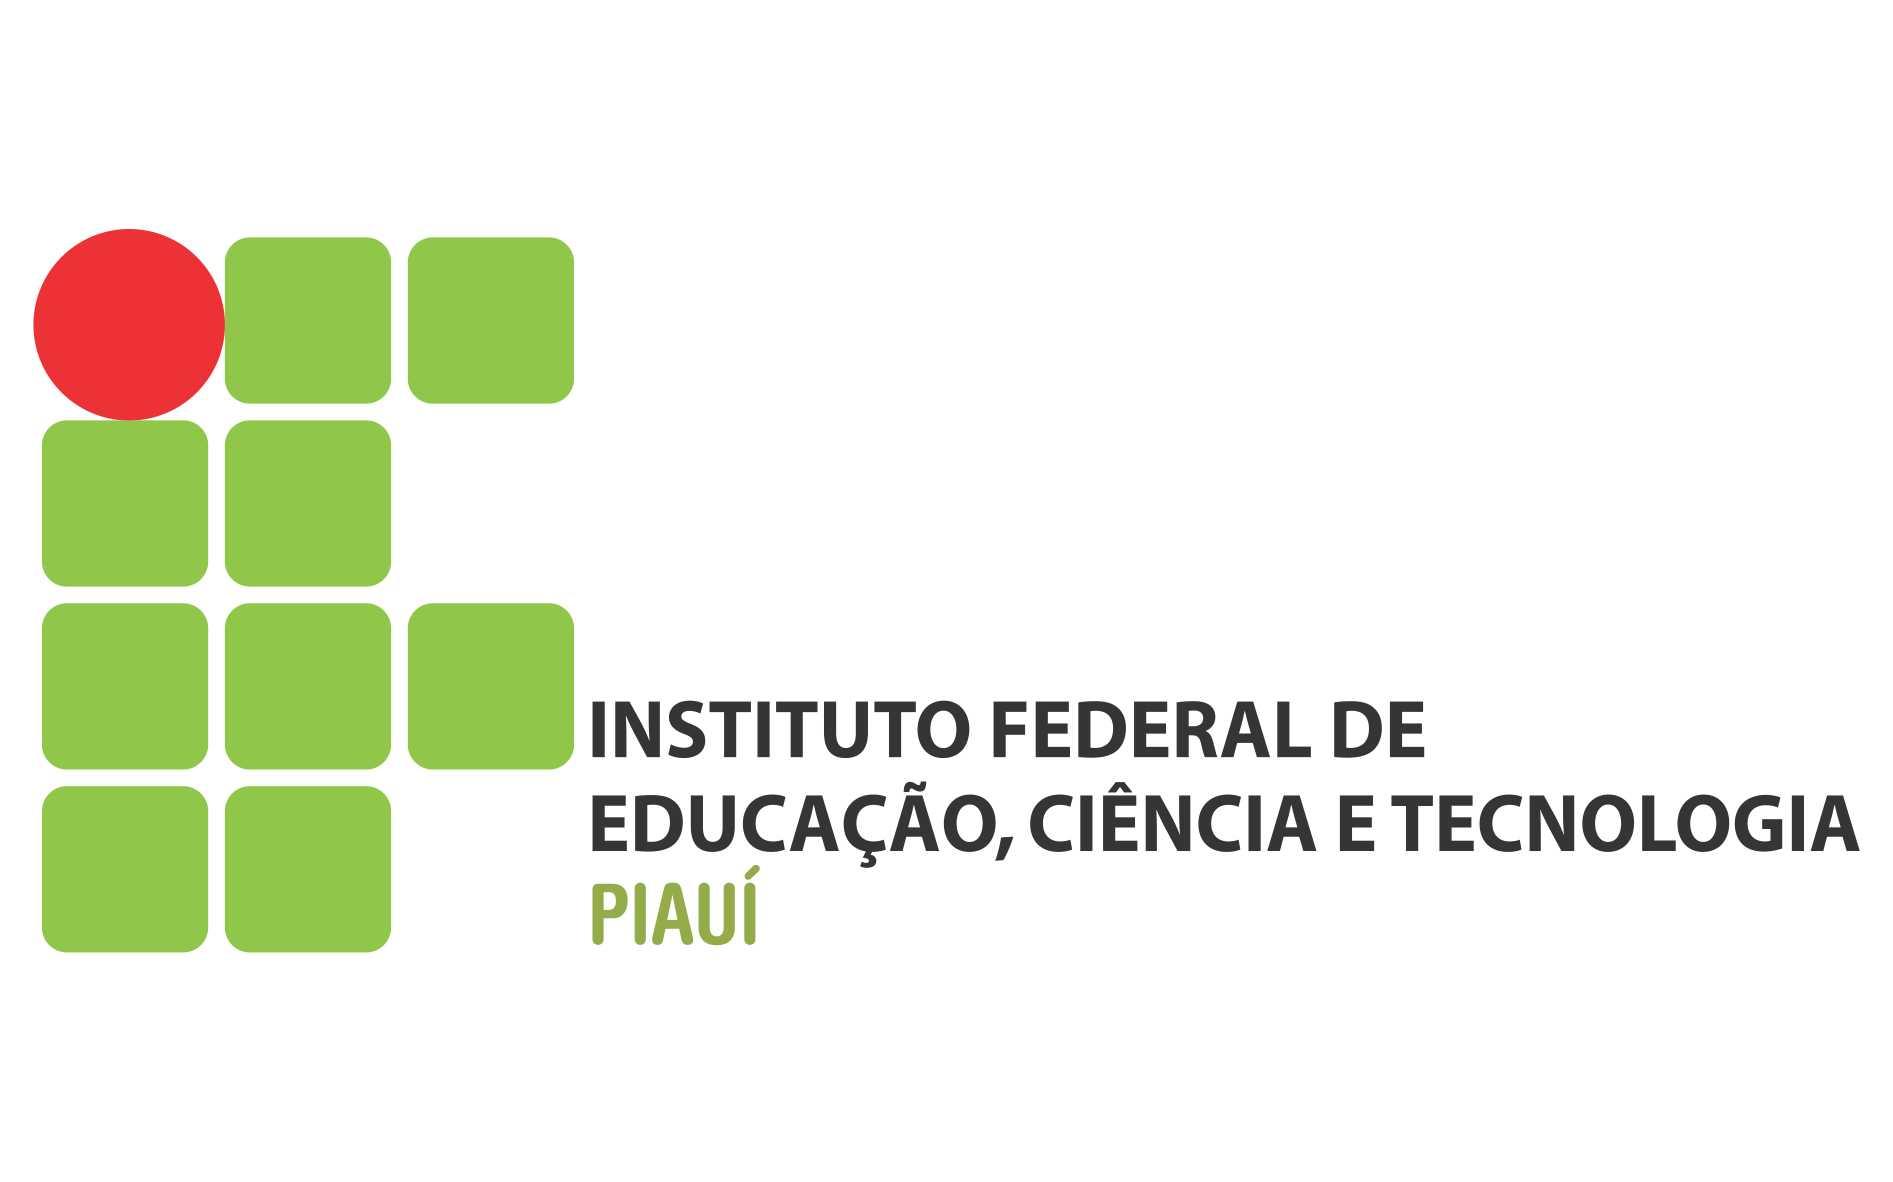 Curso Técnico a Distância IFPI 2013 – Inscrições, Cursos